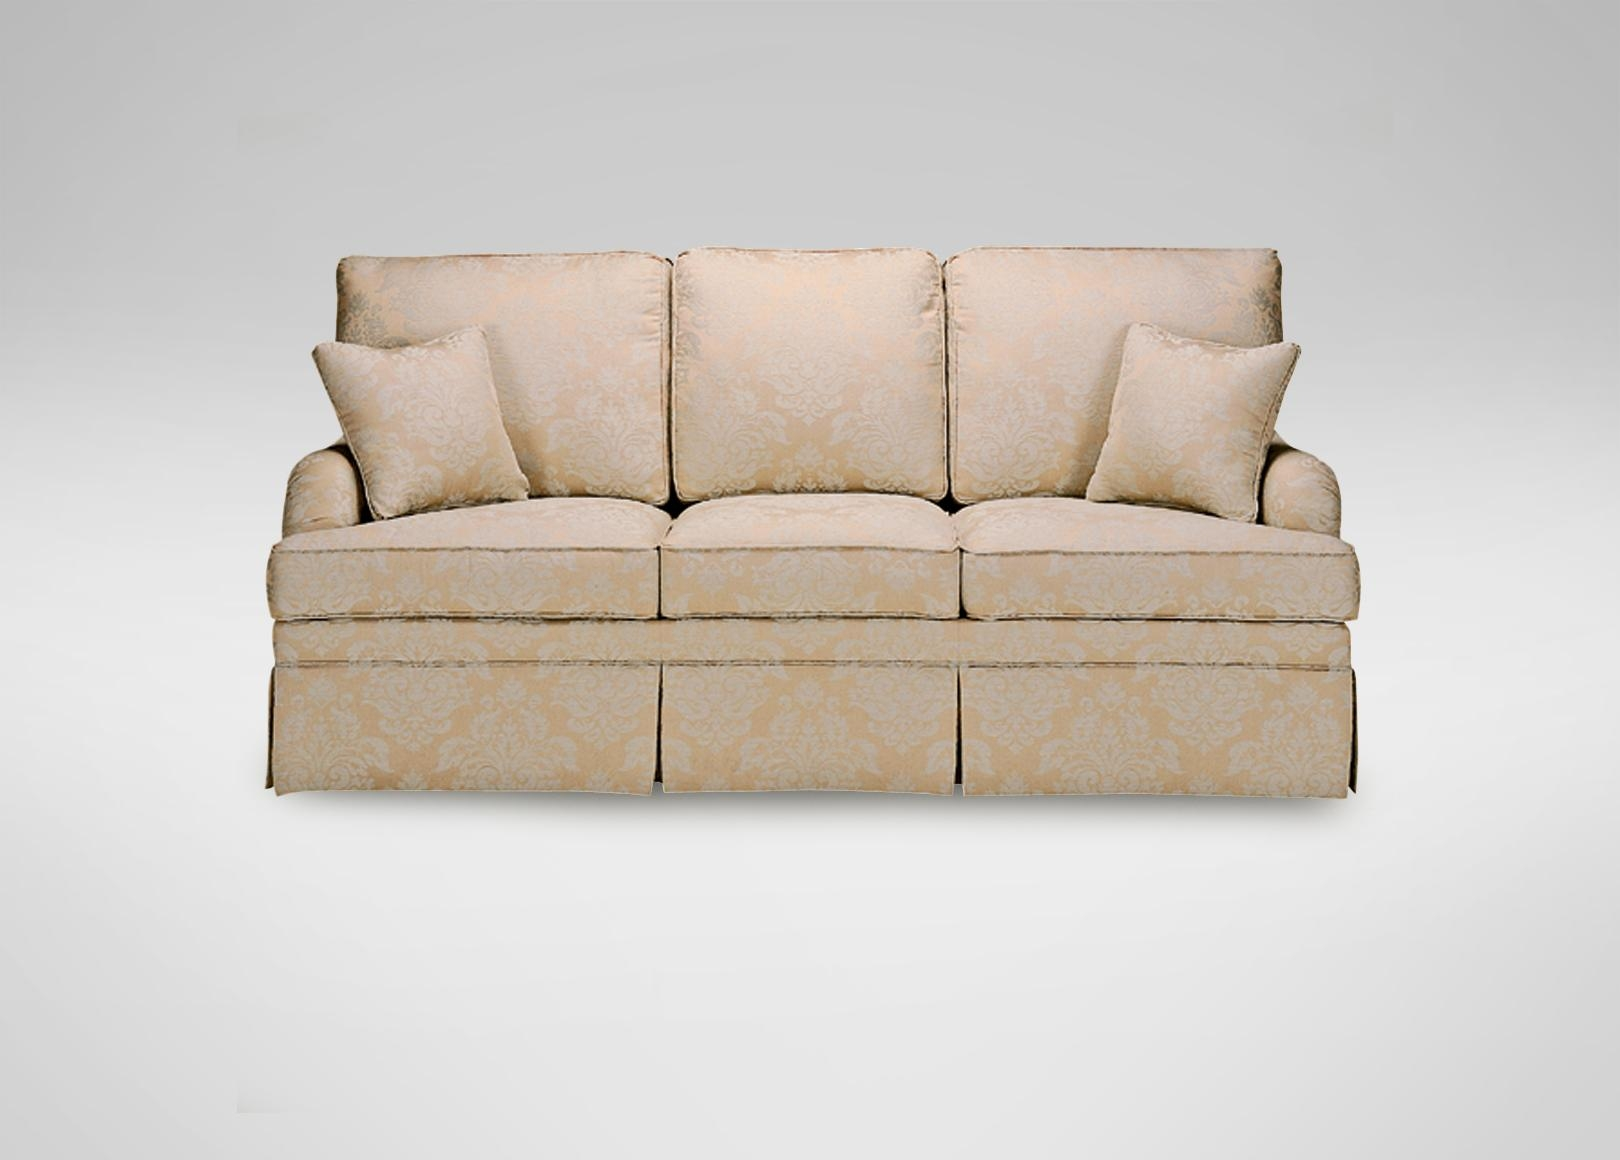 ethan allen sofa bed burton james 629 20 43 choices of whitney sofas ideas